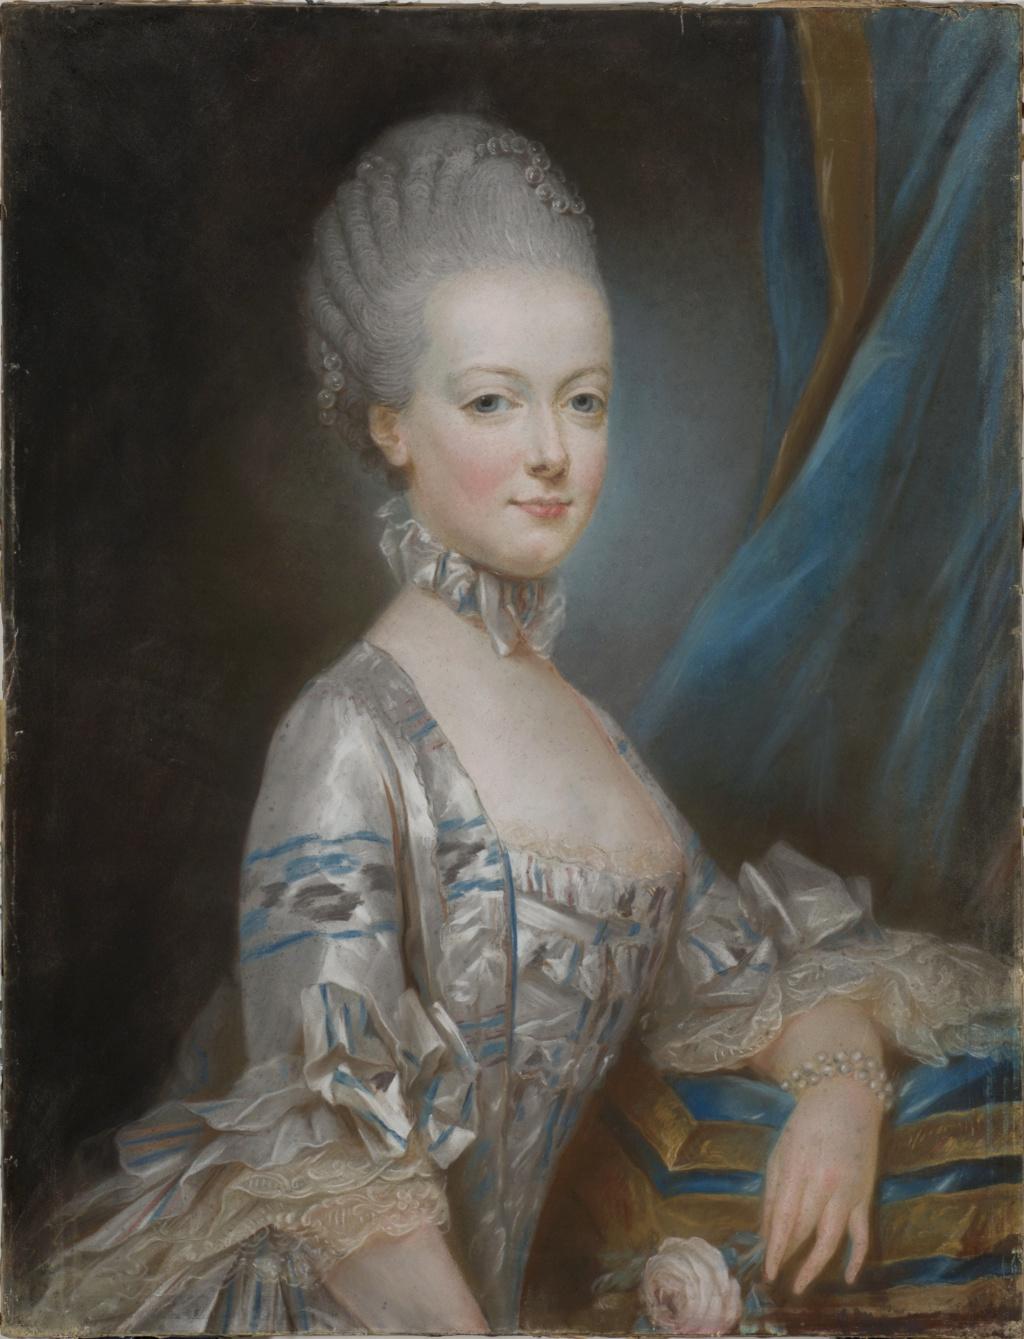 Premiers portraits de Marie-Antoinette par J. Ducreux (et d'après) - Page 2 2f457810